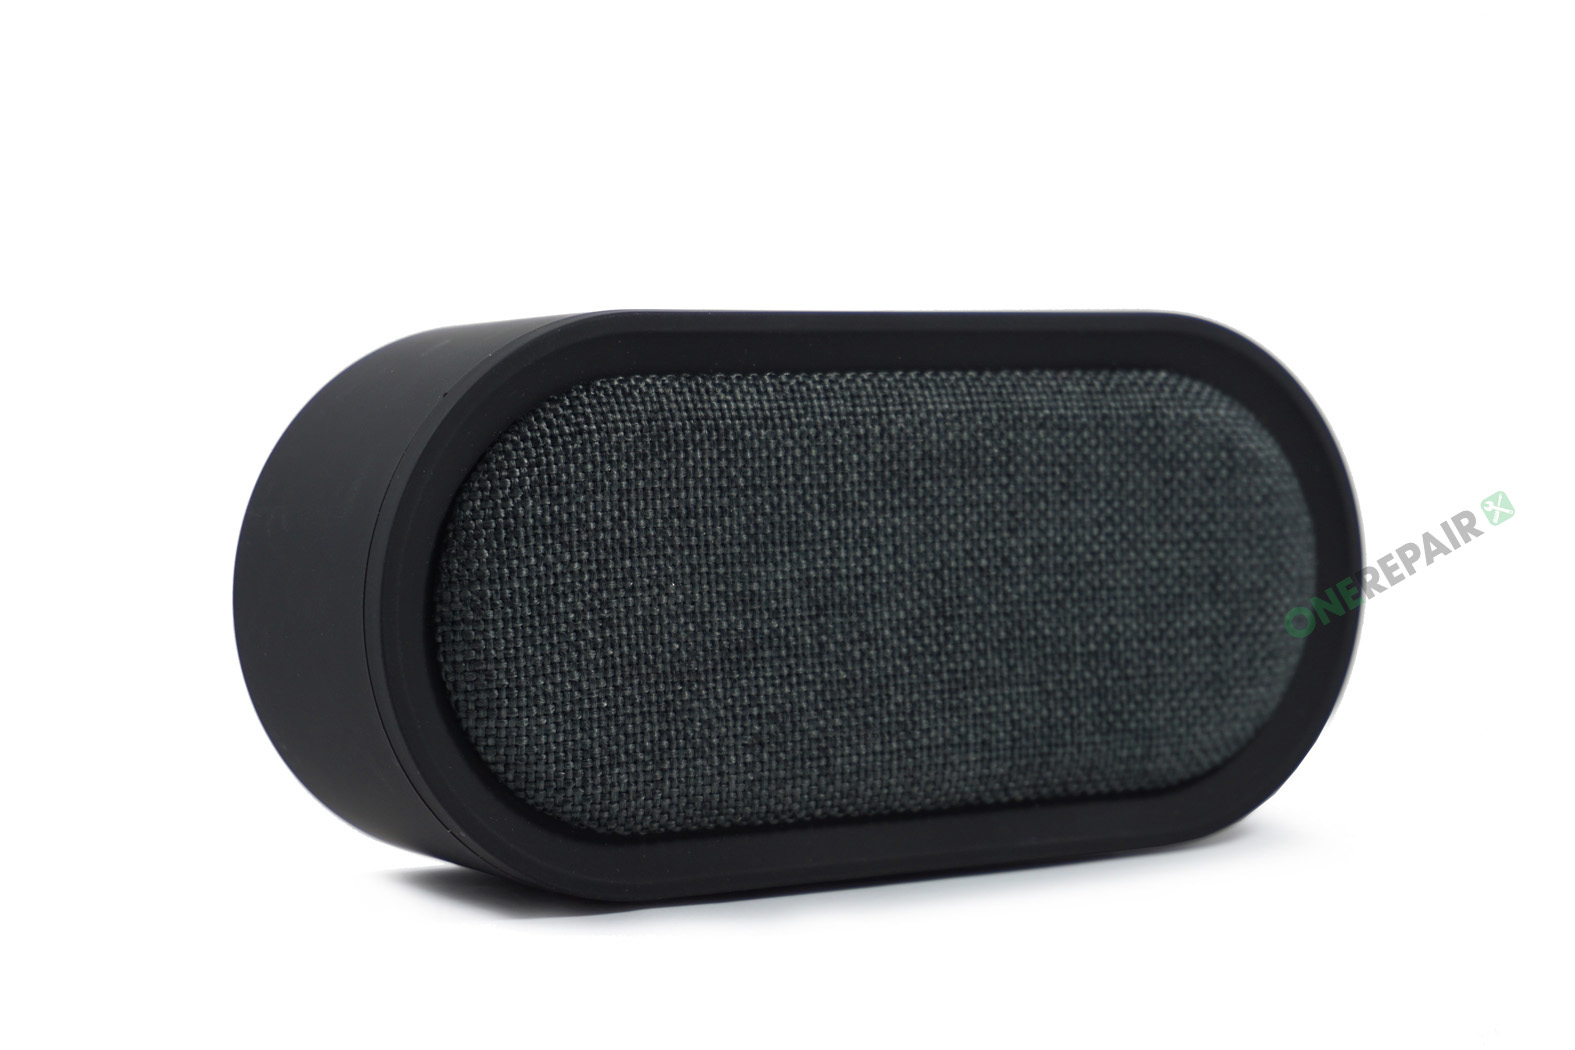 352024_Remax_RB-M9_M9_Bluetooth_Hoejtaler_Speaker_Musik_Traadloes_Sort_OneRepair_00002